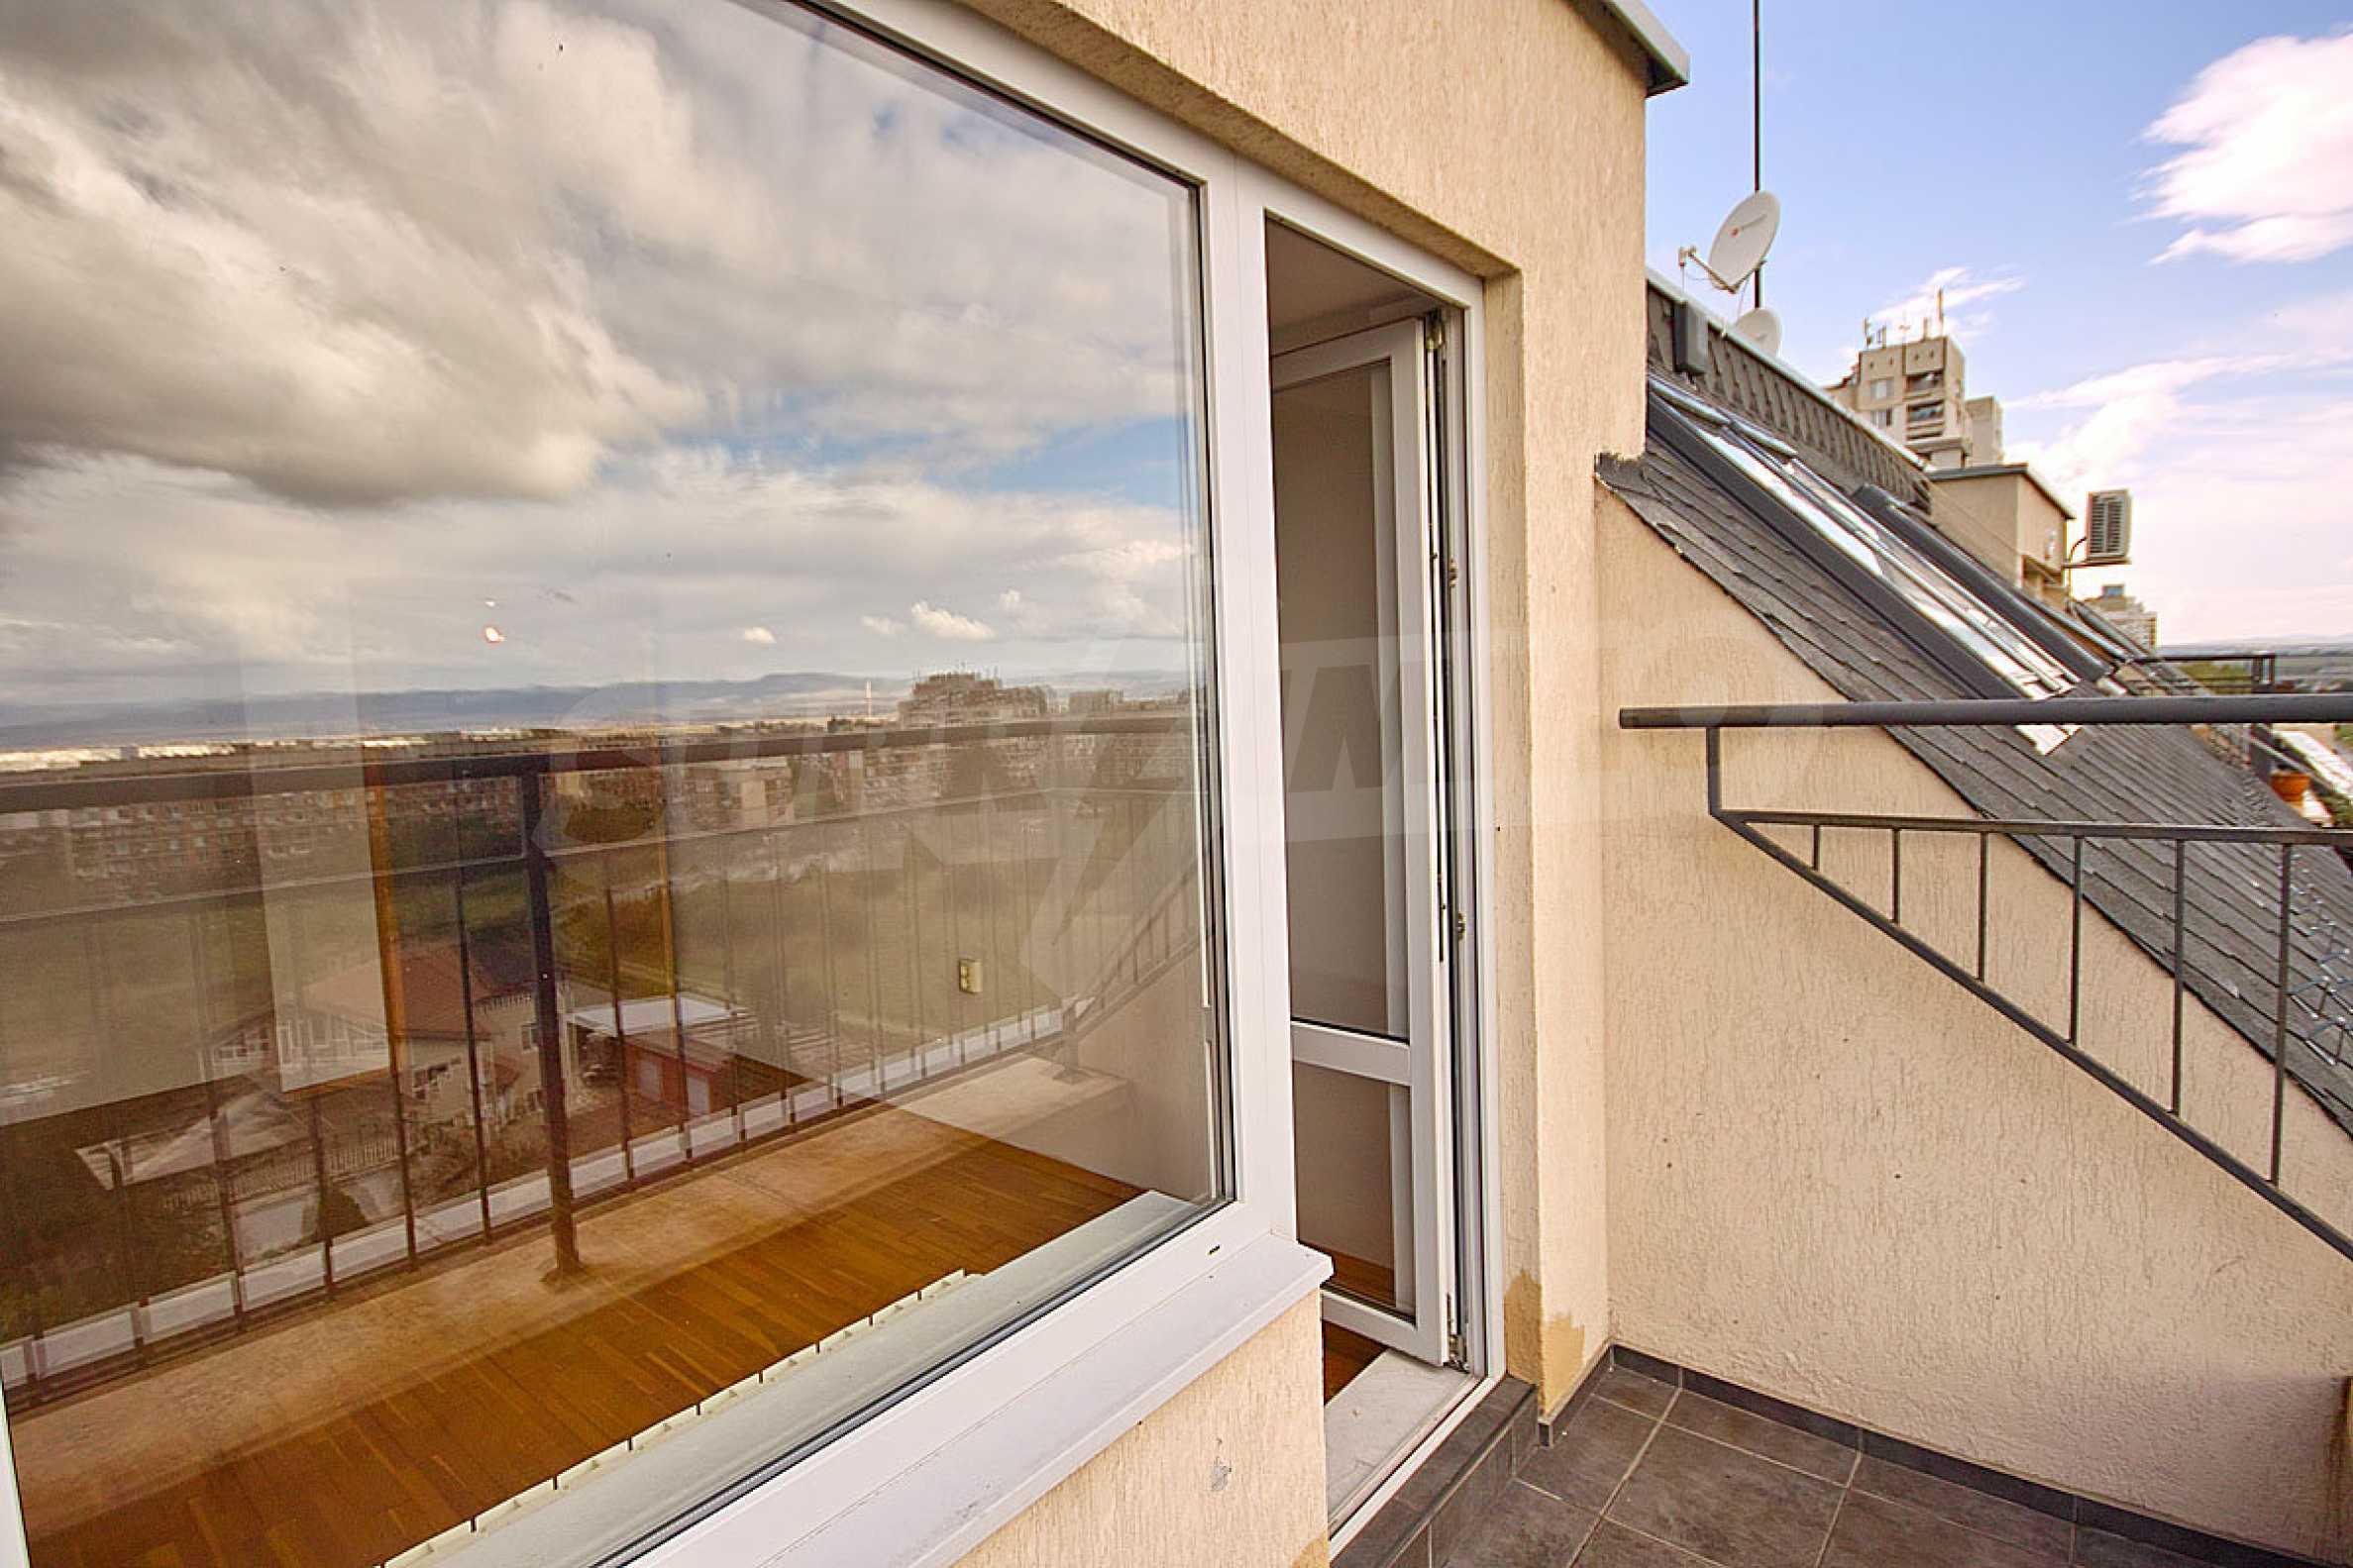 Wohnung zu vermieten in Lyulin-3 Bezirk neben der U-Bahn 10